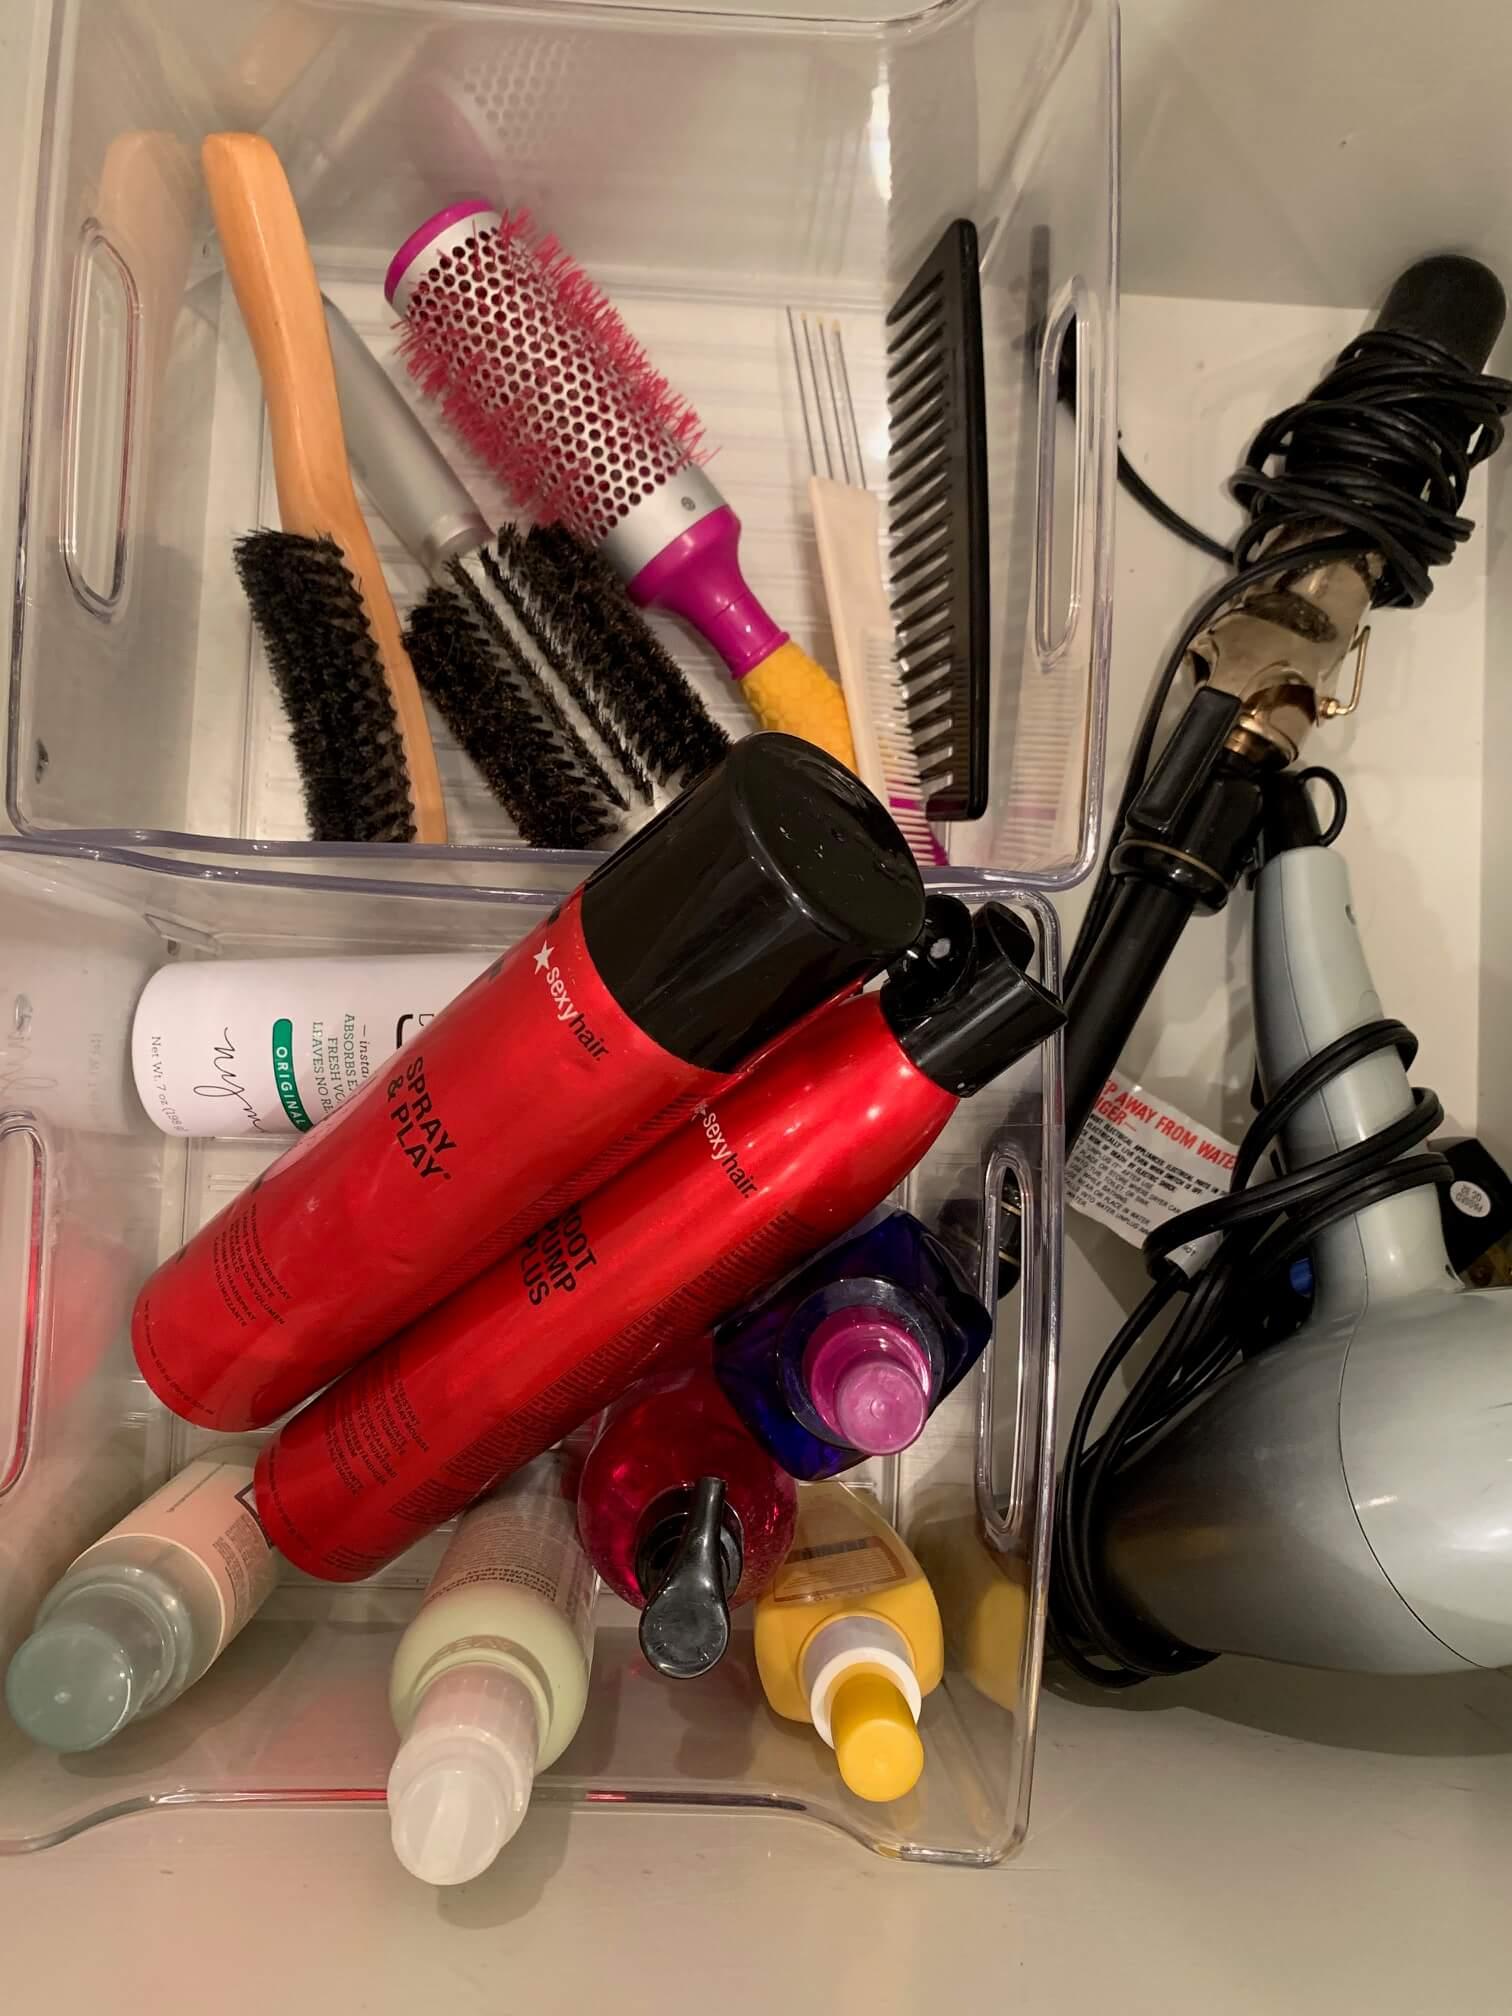 Chaos Organizing Bathroom Organization